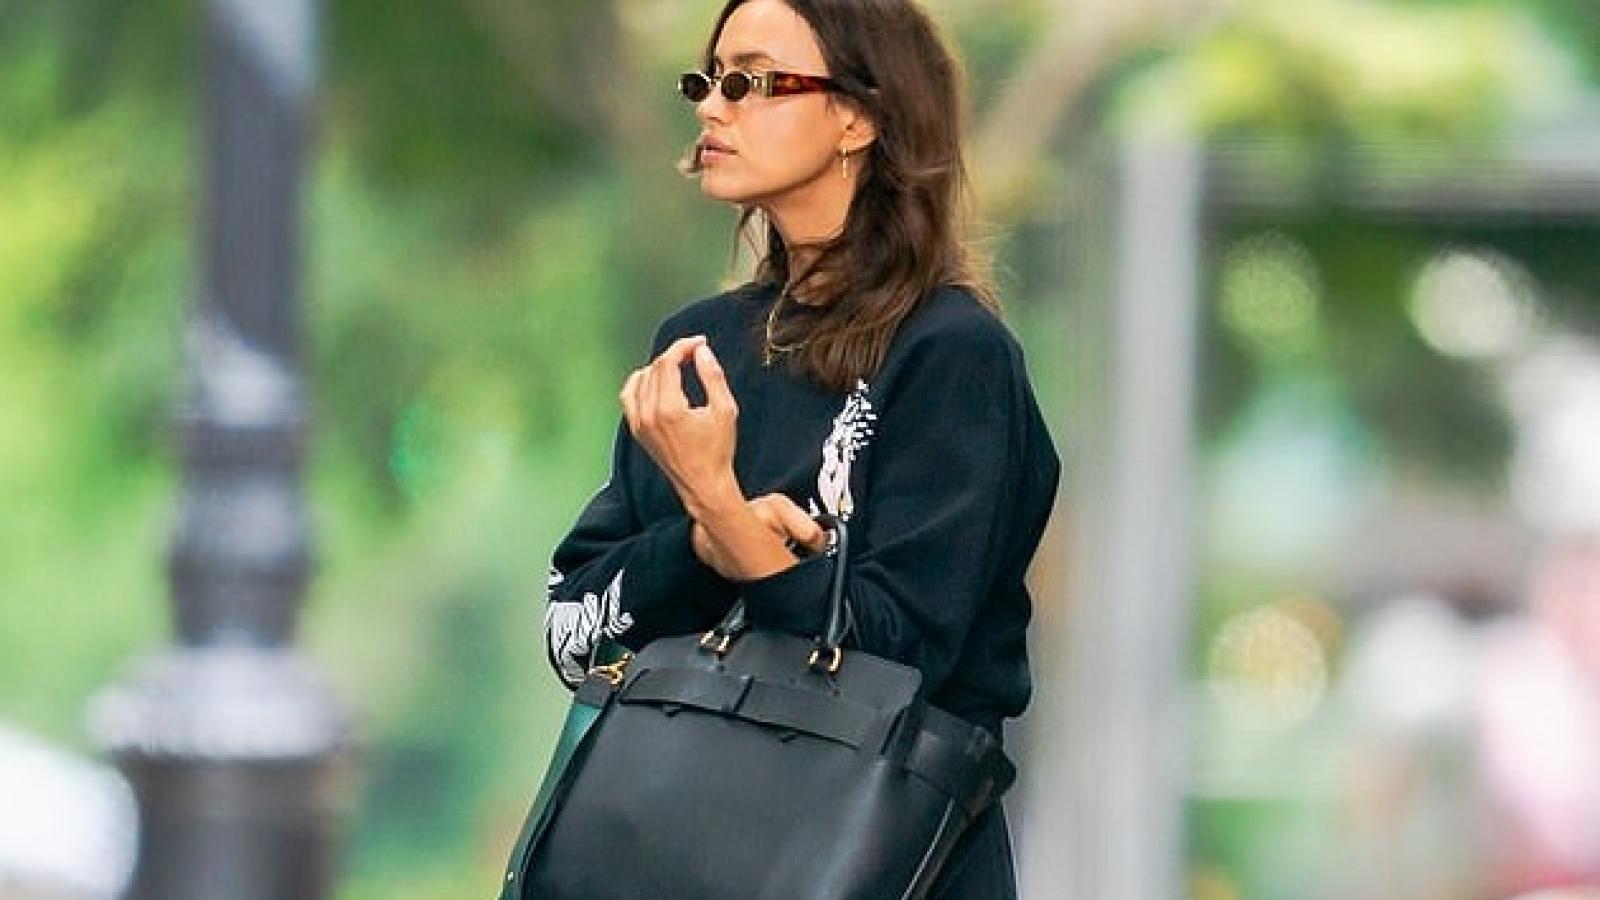 Irina Shayk để mặt mộc, mặc đồ giản dị ra phố sau ồn ào tái hợp tình cũ